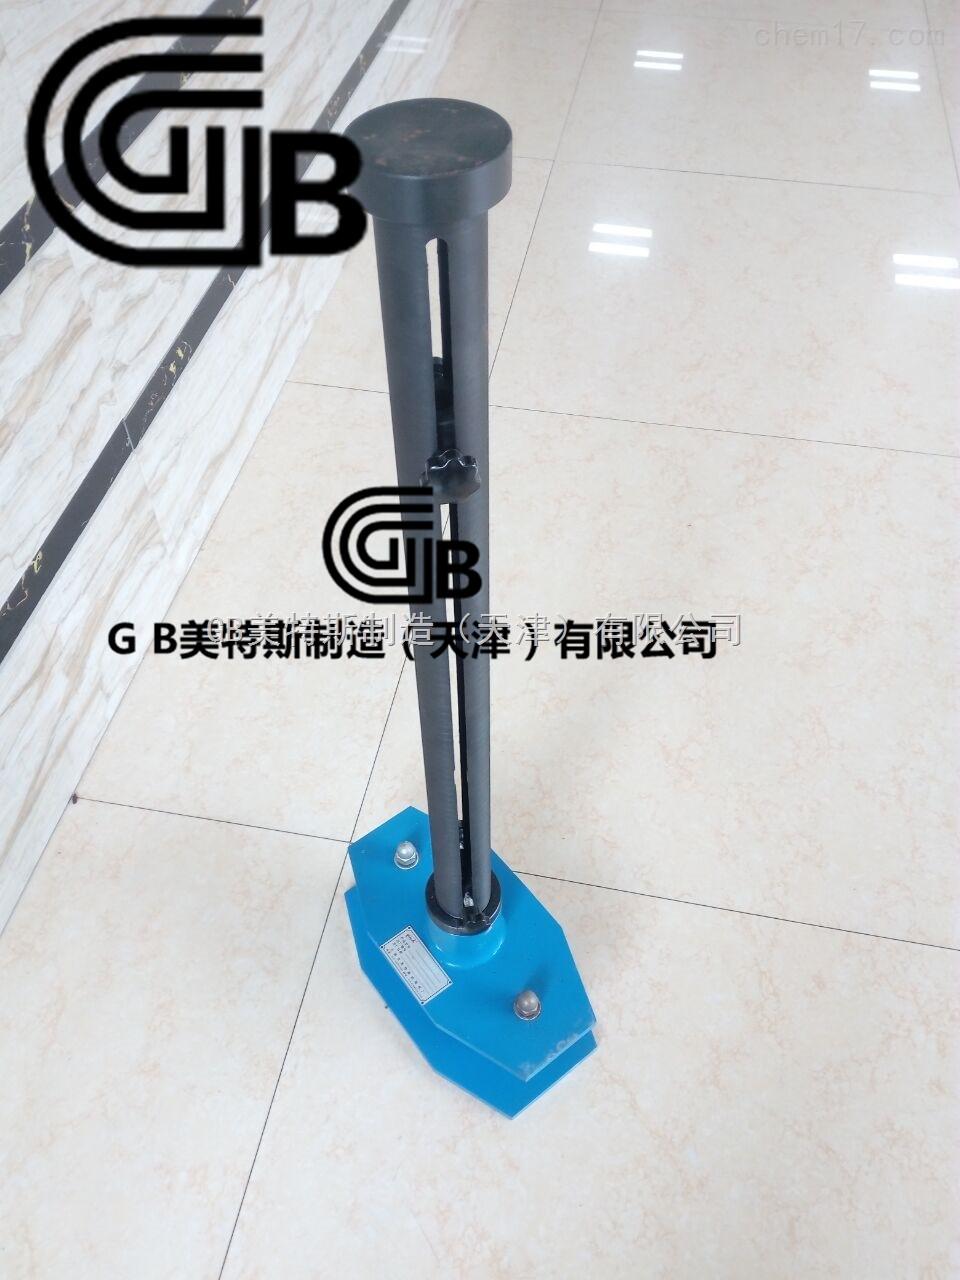 防水材料顶杆水密性-穿孔水性试验-执行标准